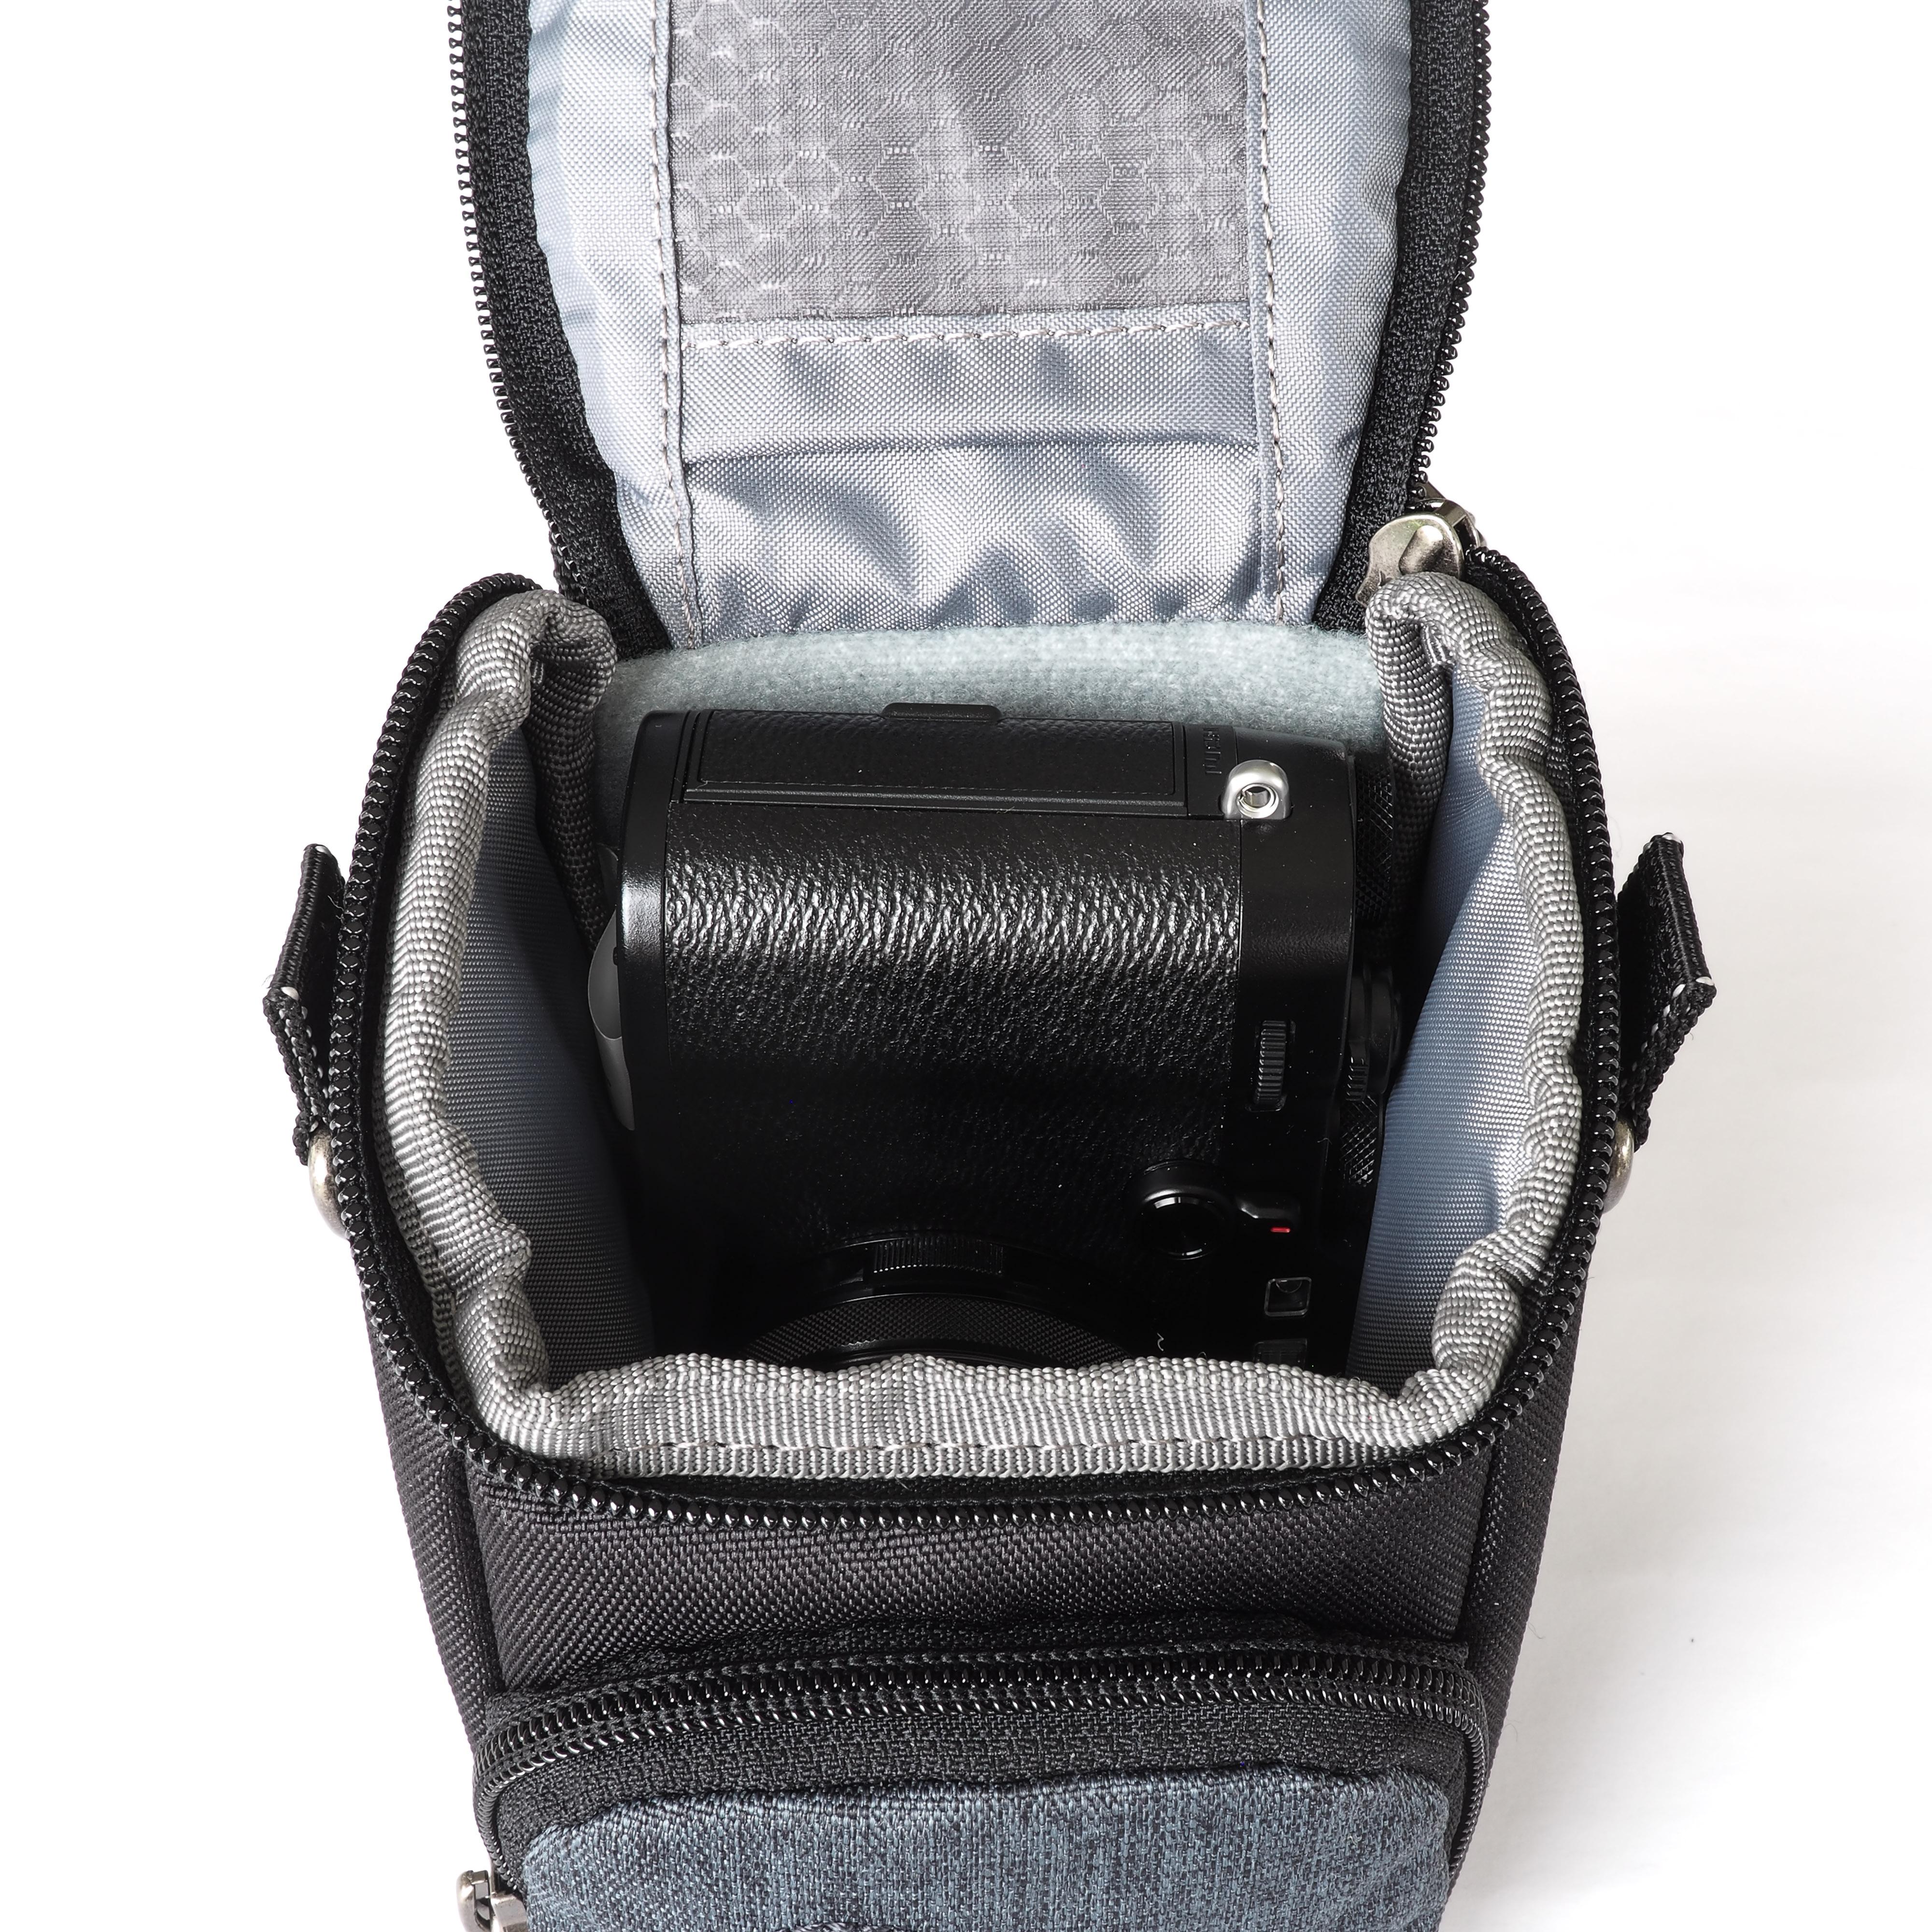 Fujifilm X100F, Haoge LH-X49B 2in1, thinkTANK Mirrorless